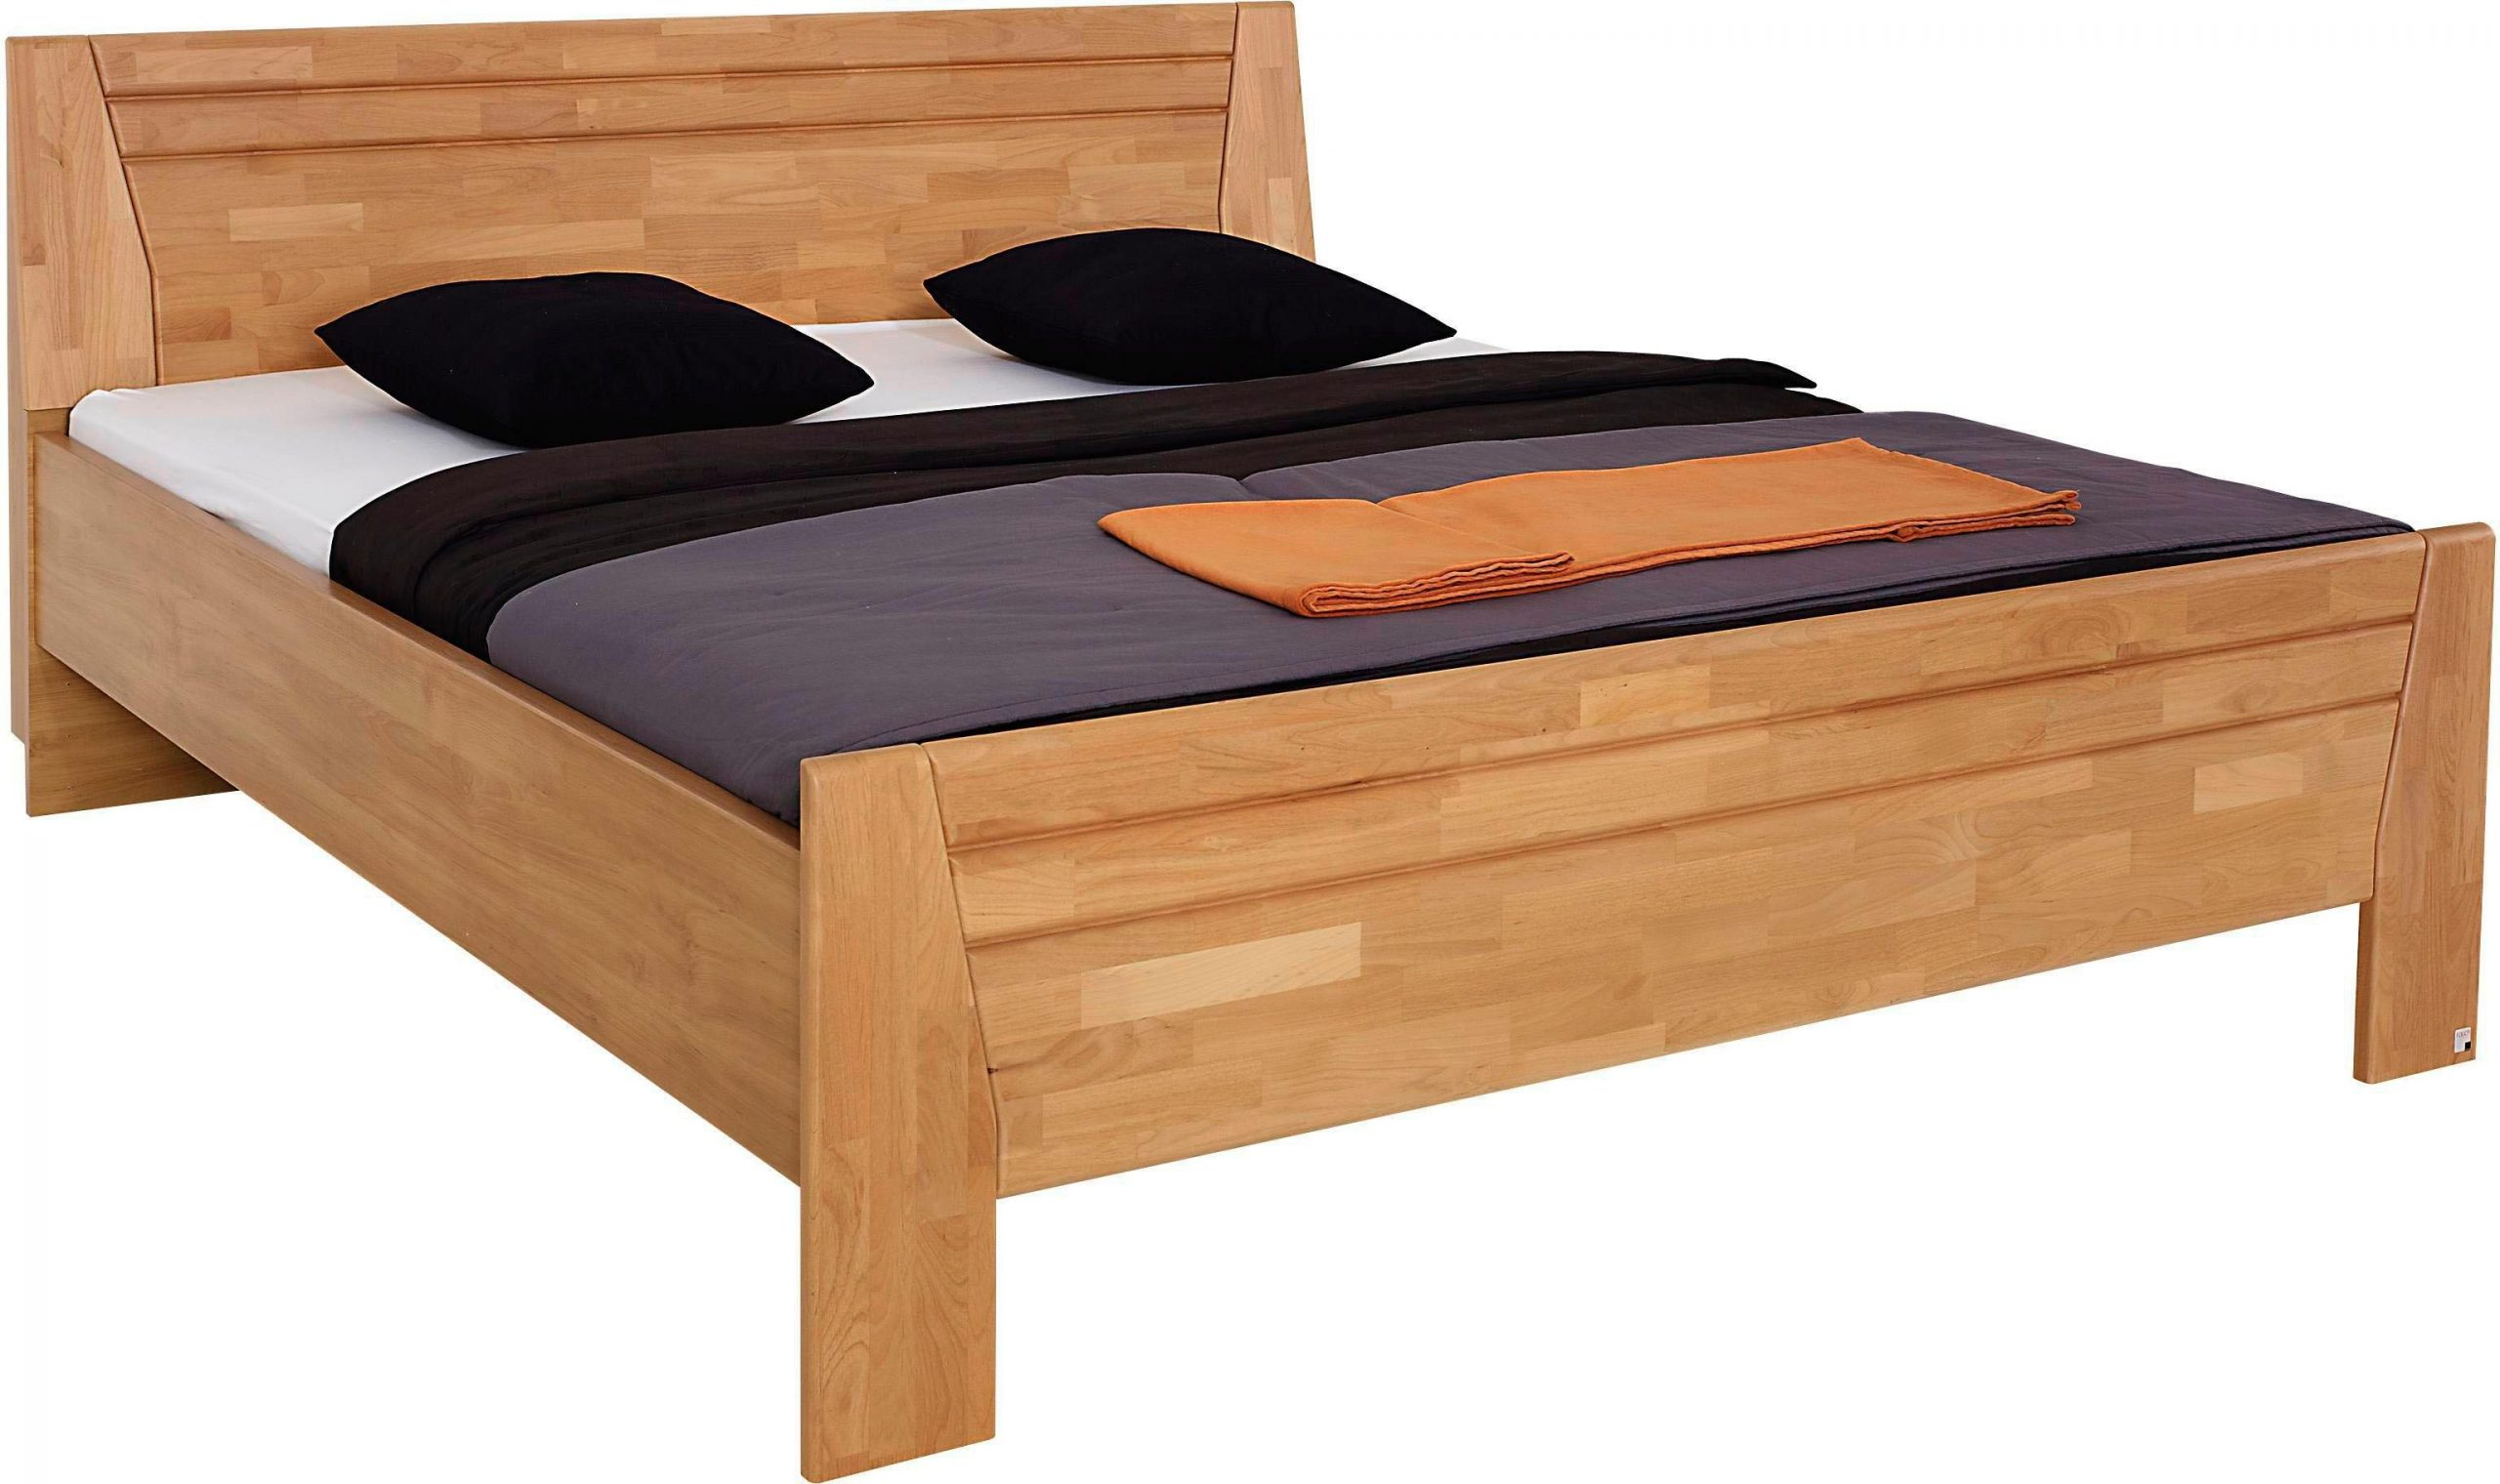 Full Size of Rauch Packs Bett 180x200 Scala Betten 120x200 140x200 Steffen Bettsystem Konfigurator Erfahrung Samoa Alzey Weiss Altholz Komfortbetten Online Kaufen Mbel Bett Rauch Betten